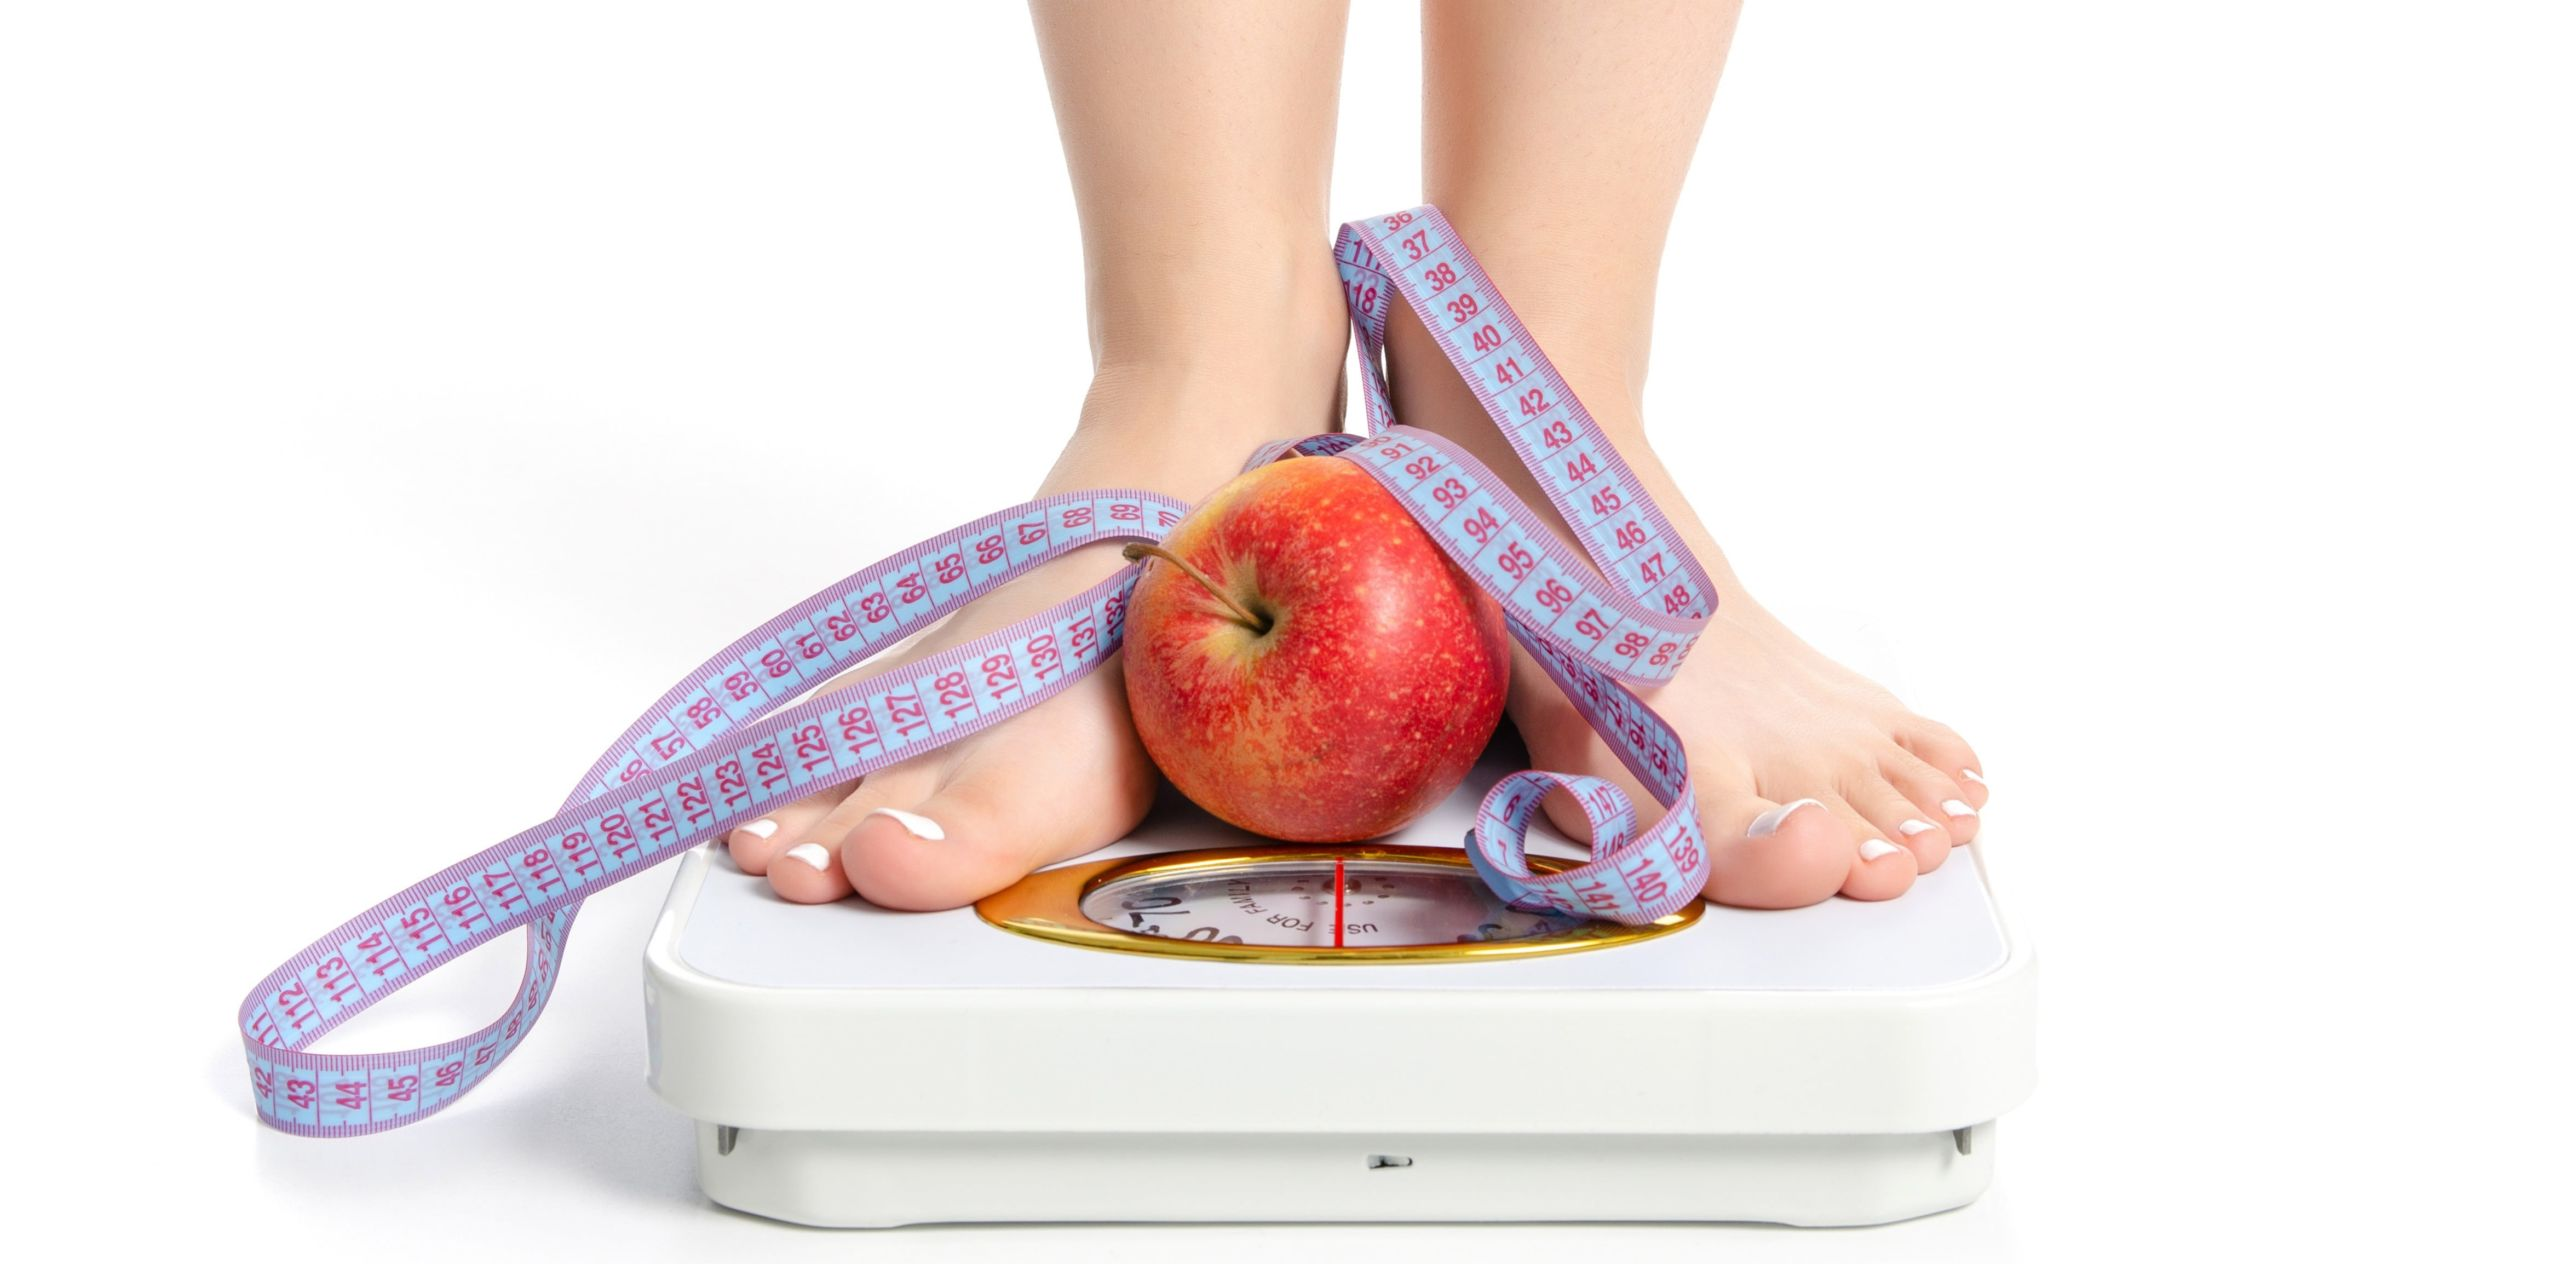 Il fruttosio nella dieta fa ingrassare